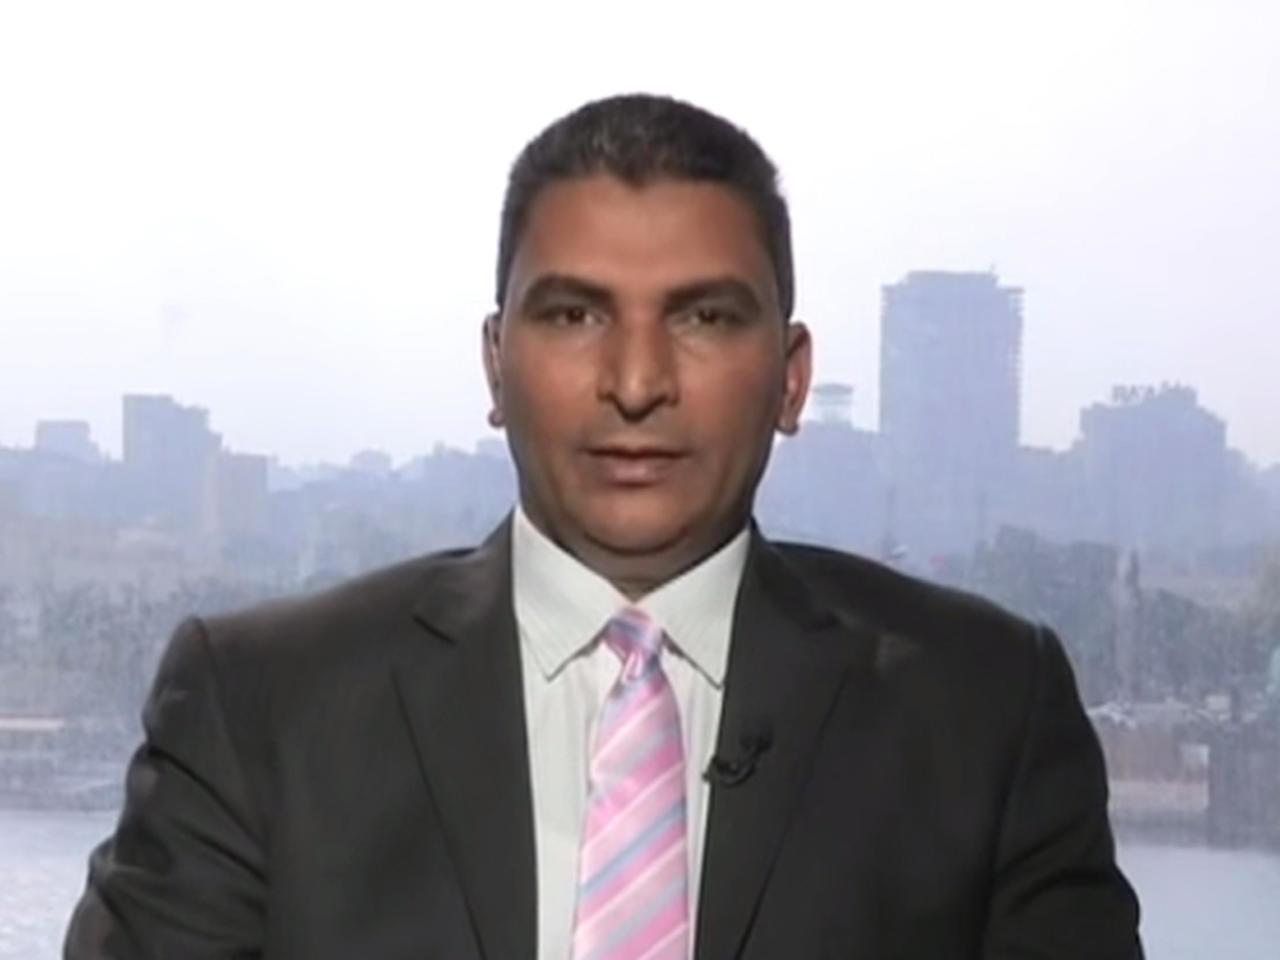 بشير عبد الفتاح: مجال الطاقة من أبرز إنجازات الرئيس السيسي